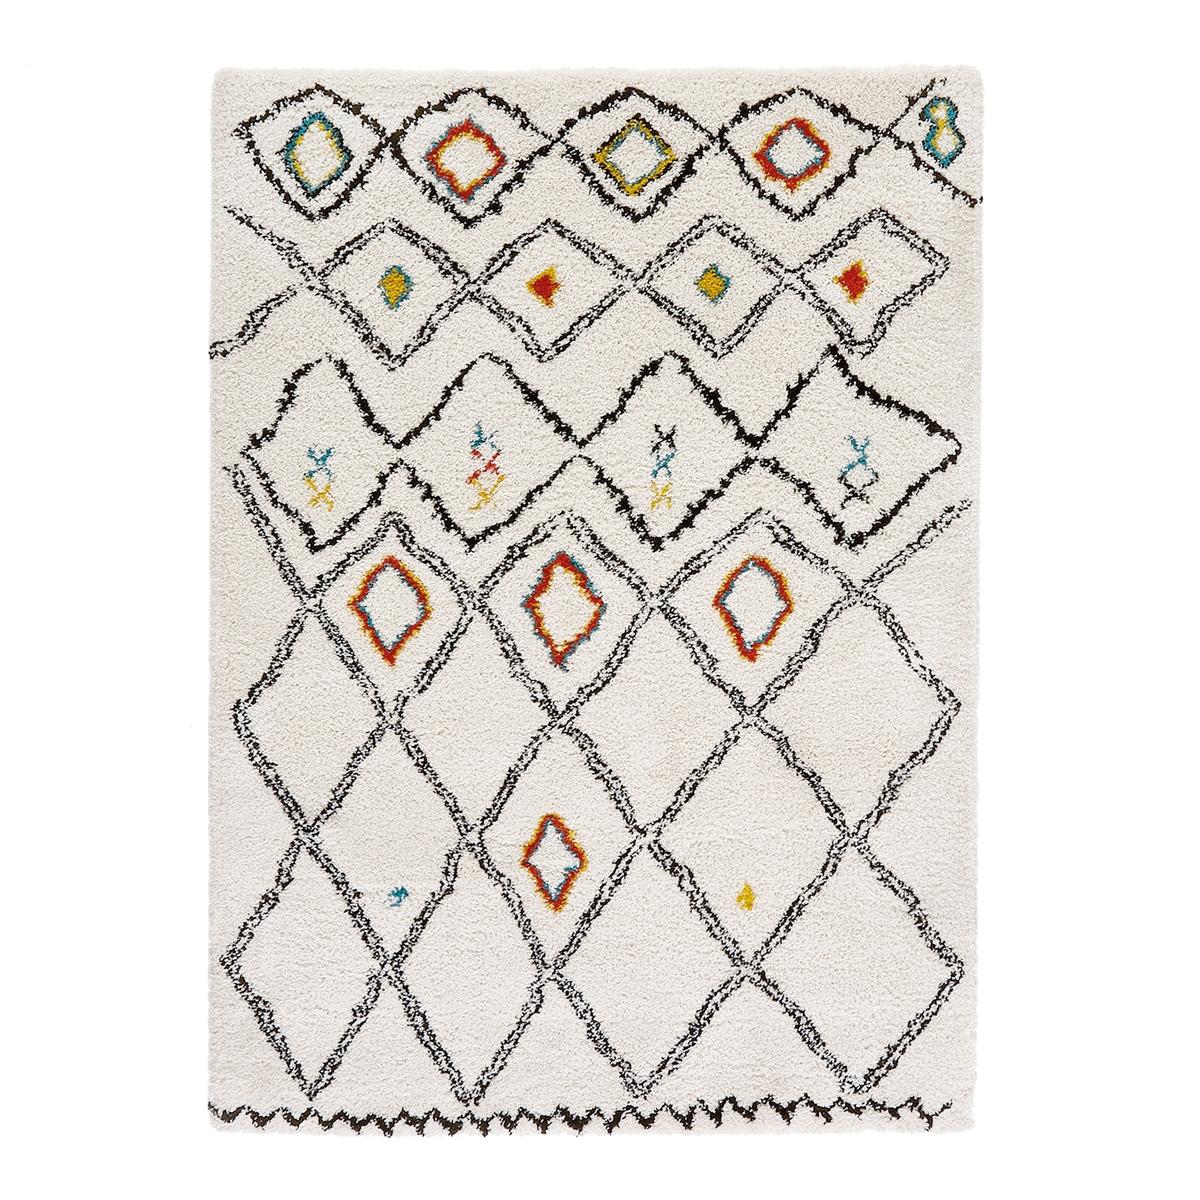 Ковер в берберском стиле, Ustril ковер в берберском стиле из шерсти tekouma